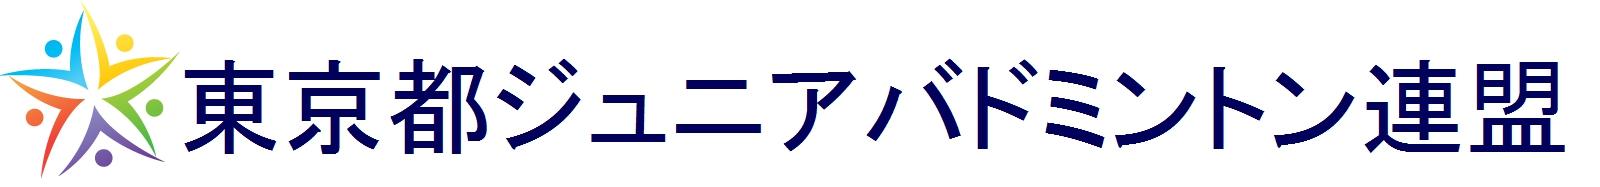 東京都ジュニアバドミントン連盟